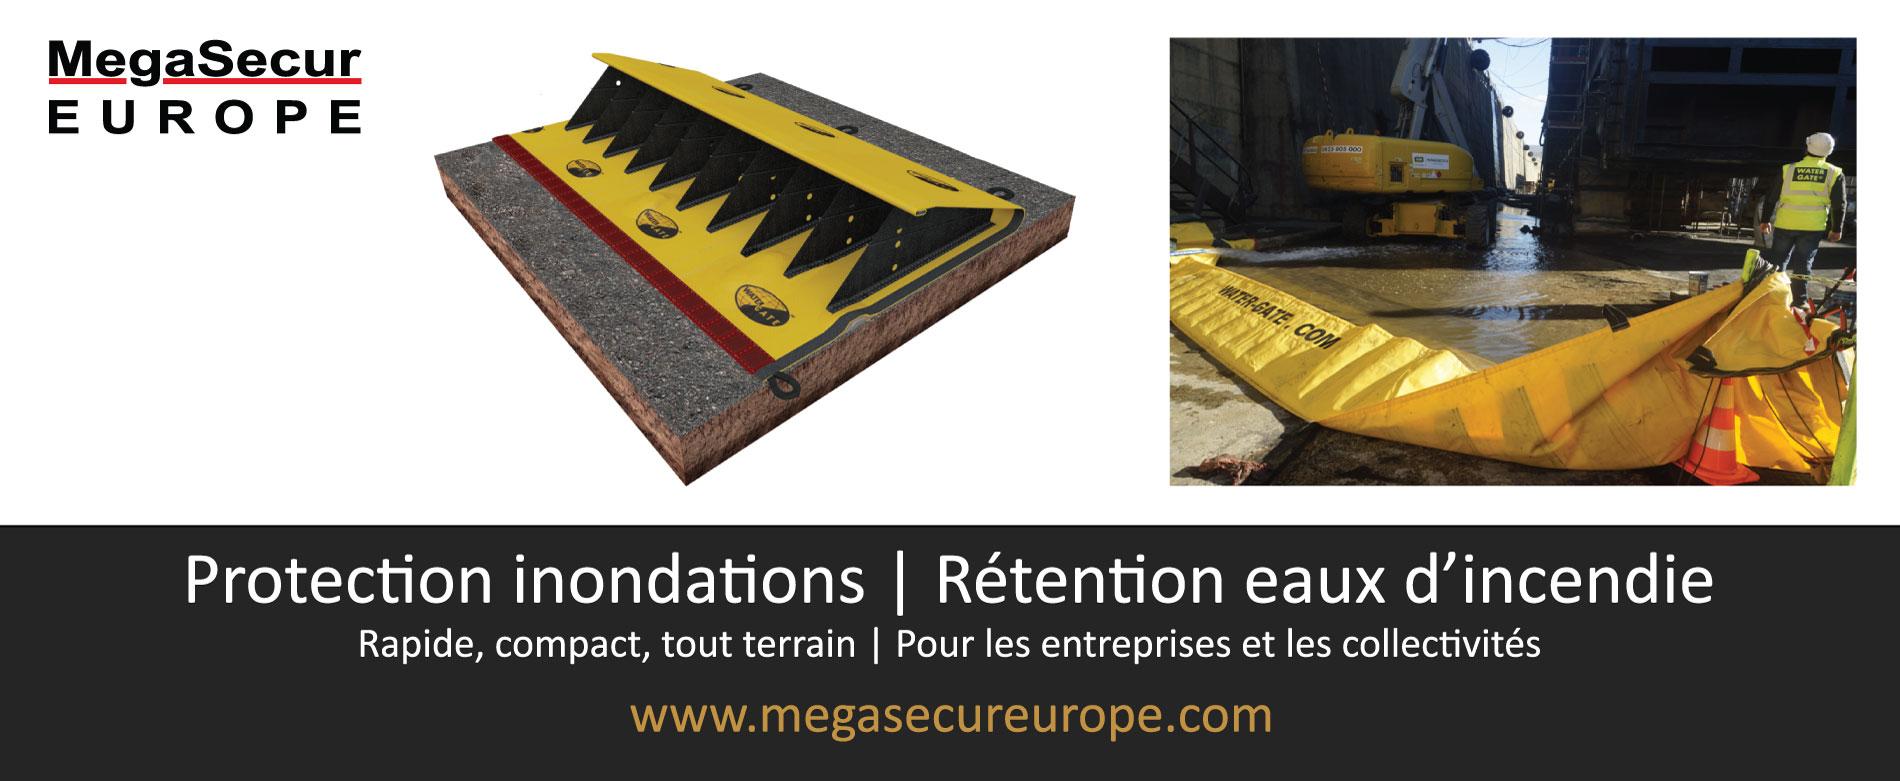 MegaSecur Europe Water-Gate pub Les echos